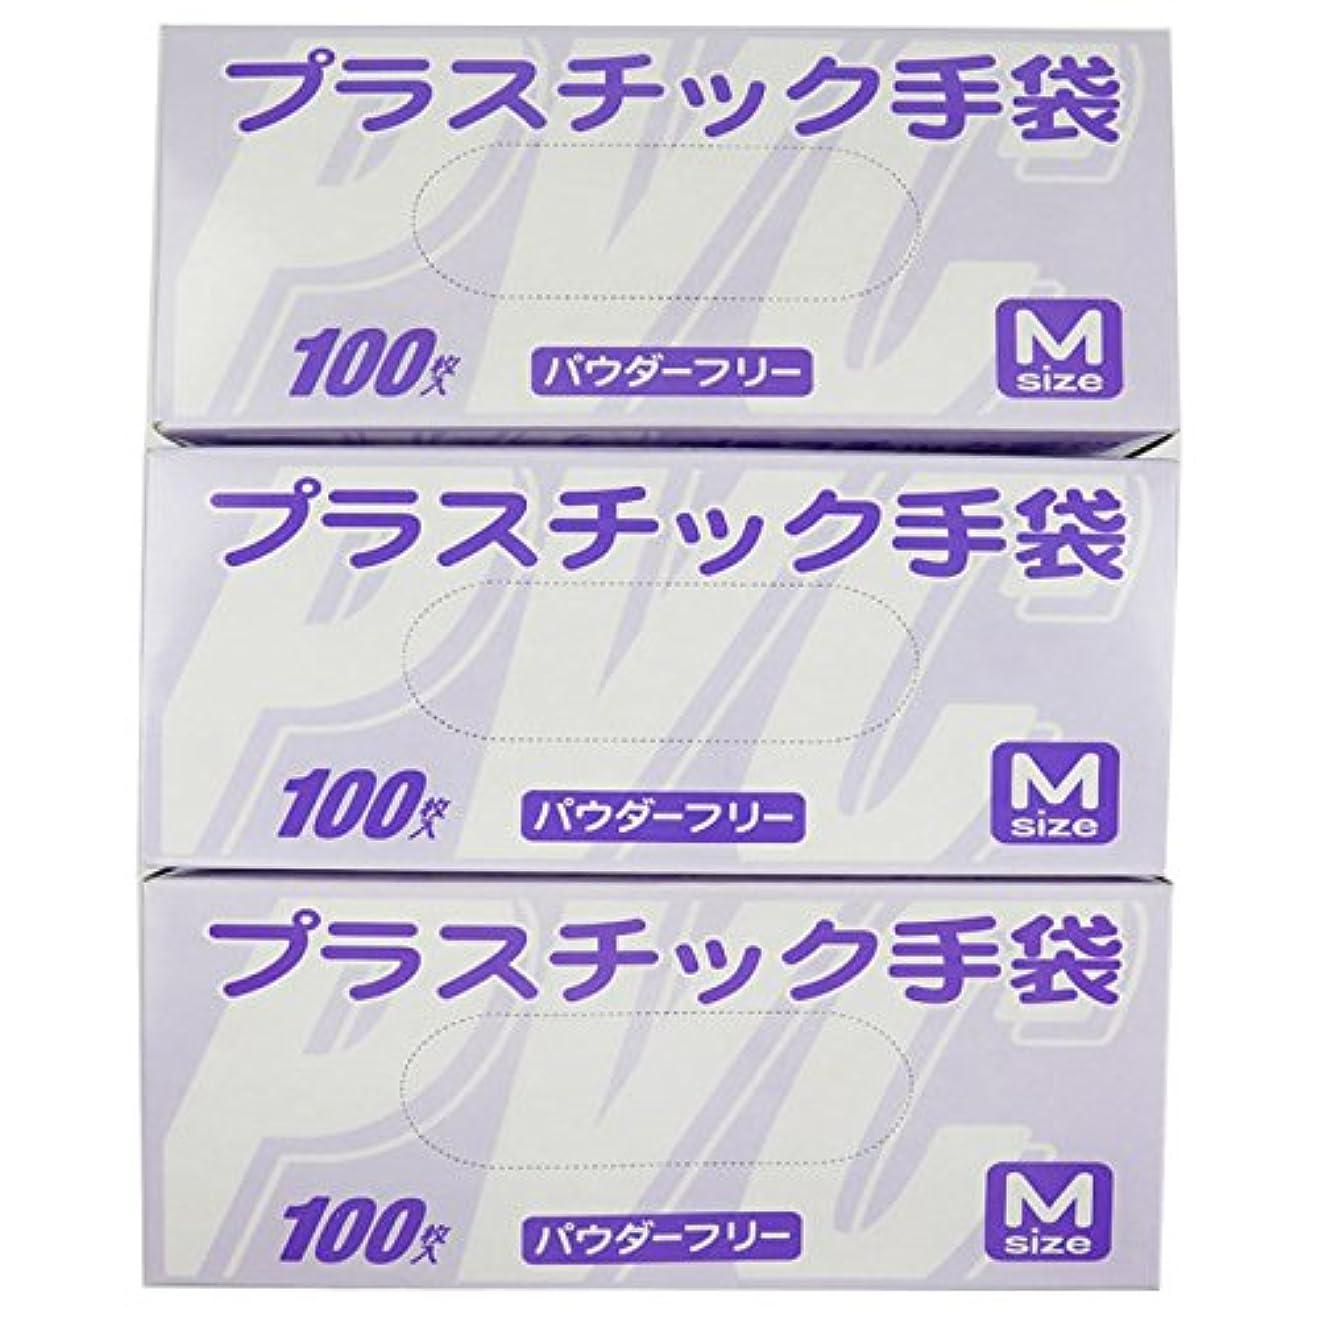 できた国家インキュバス【お得なセット商品】使い捨て手袋 プラスチックグローブ 粉なし Mサイズ 100枚入×3個セット 超薄手 100422